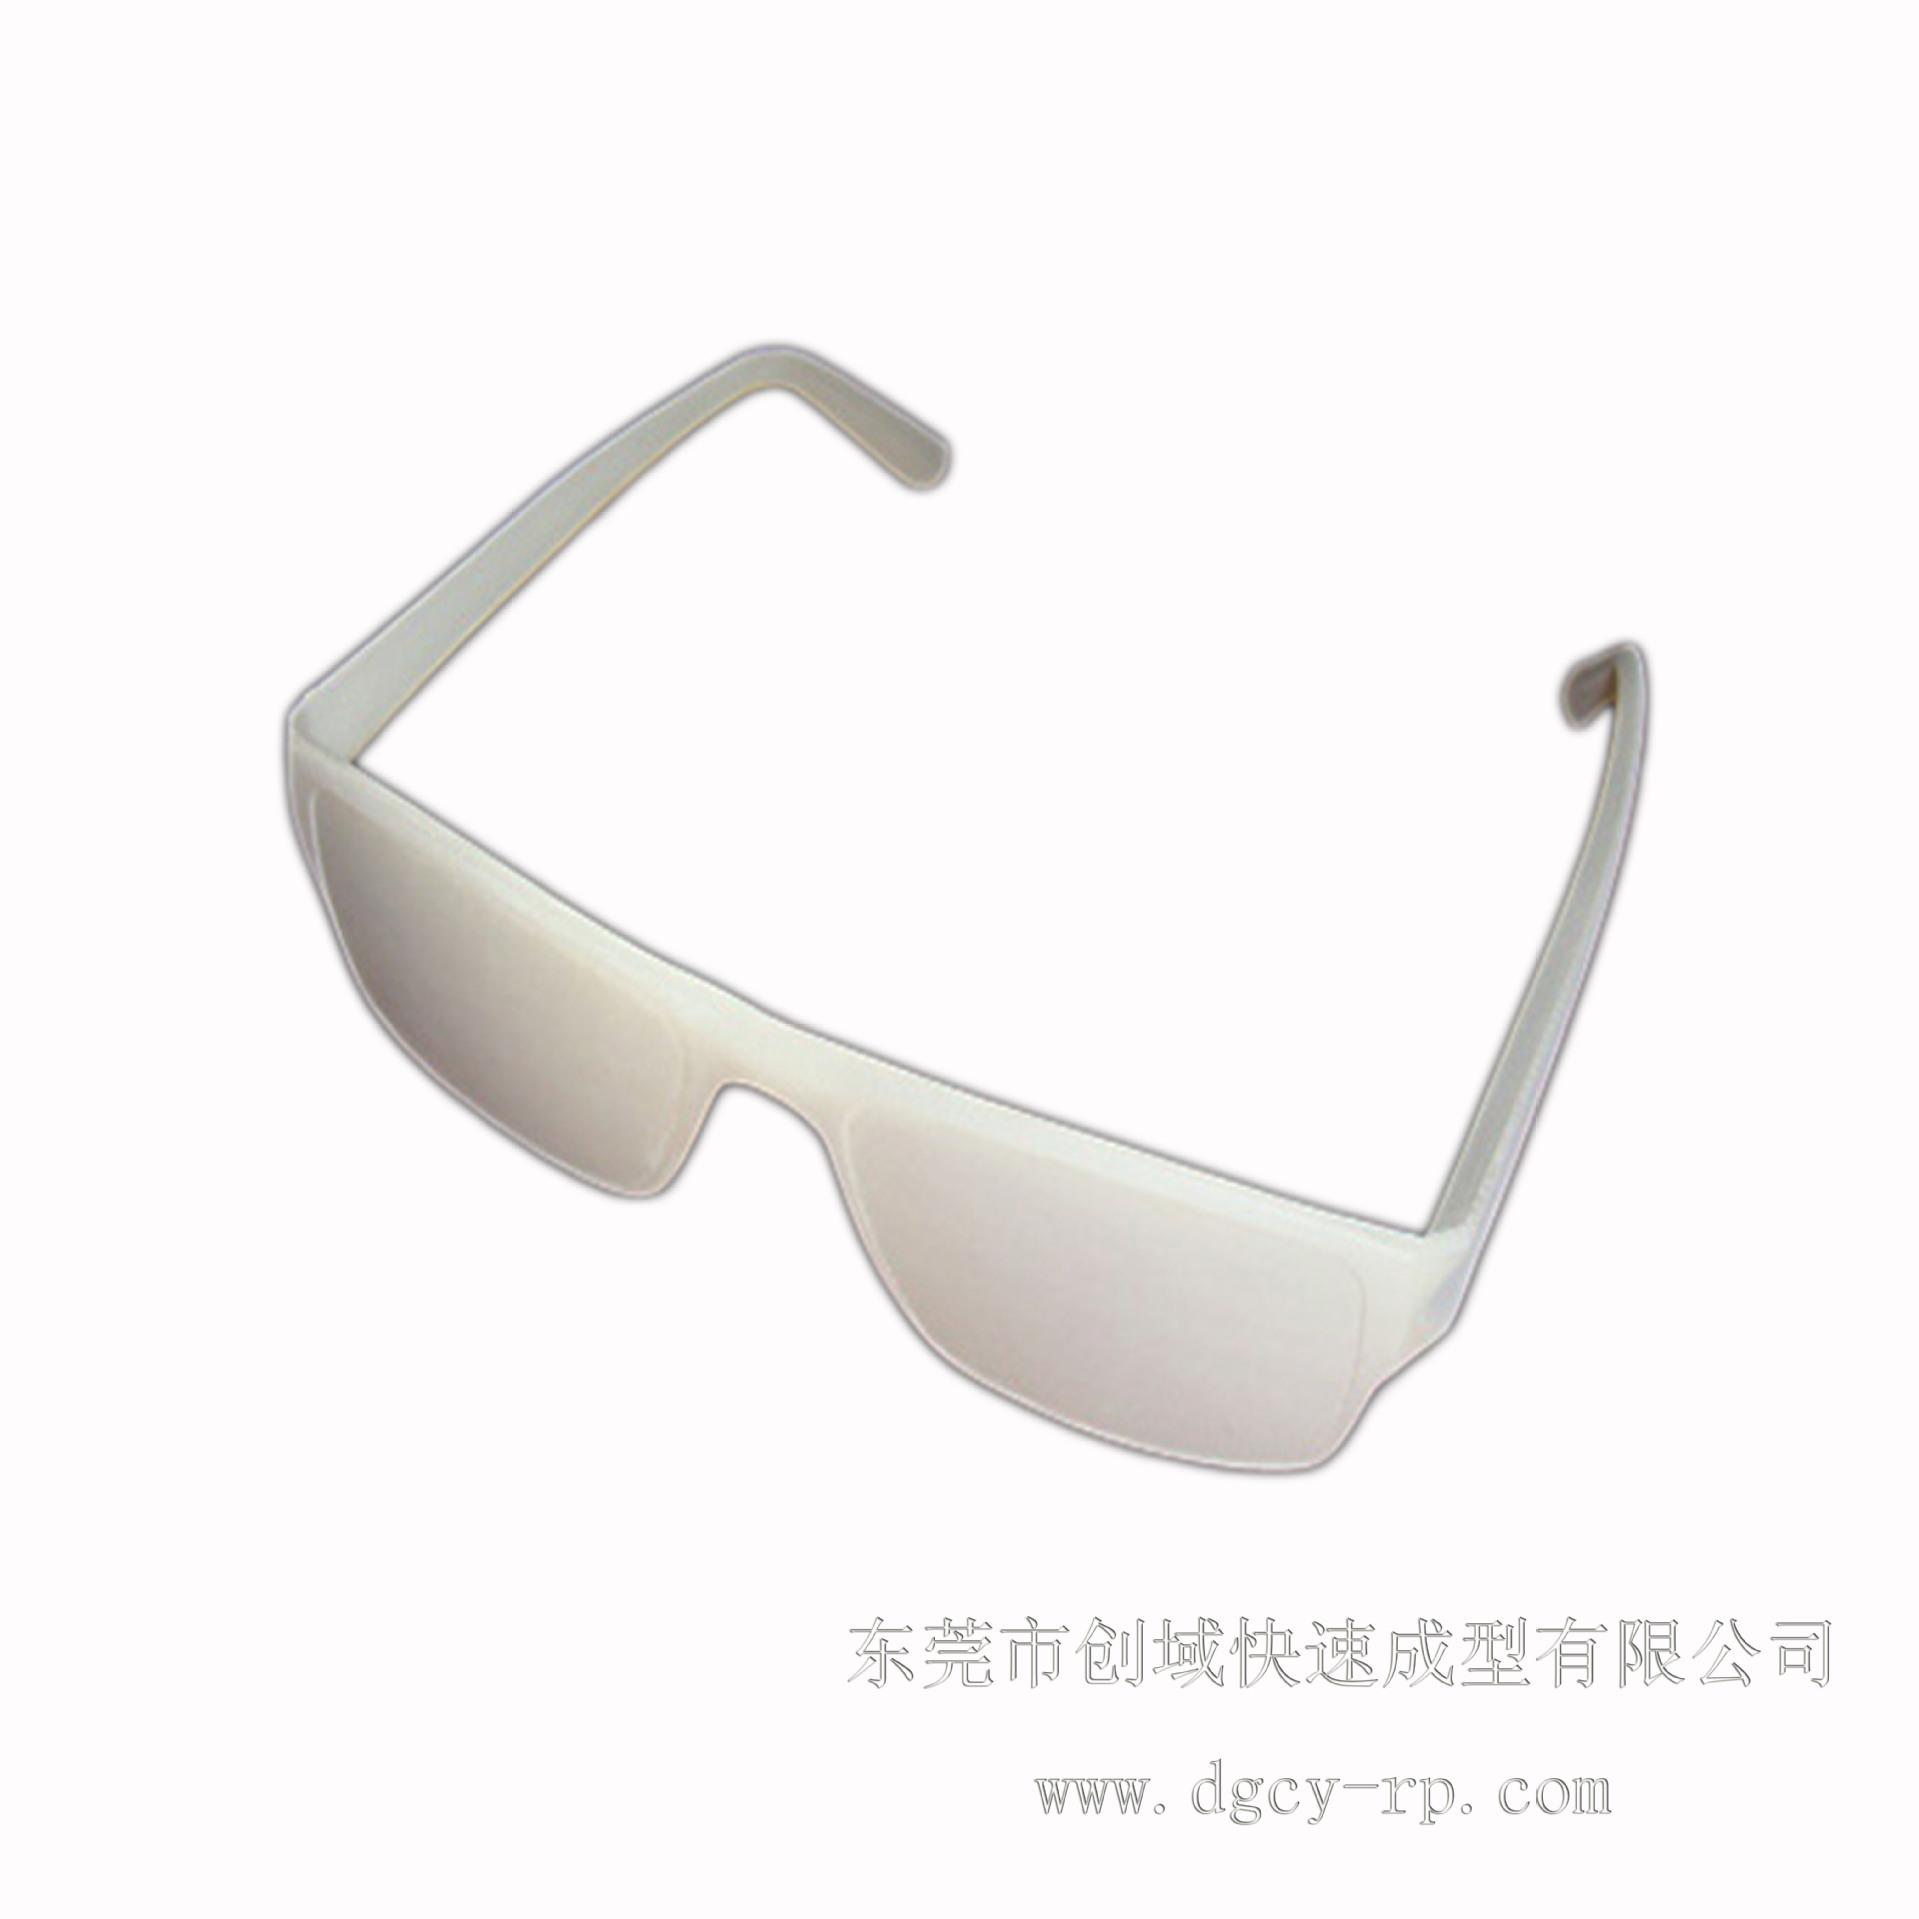 塑胶手板之眼镜手板